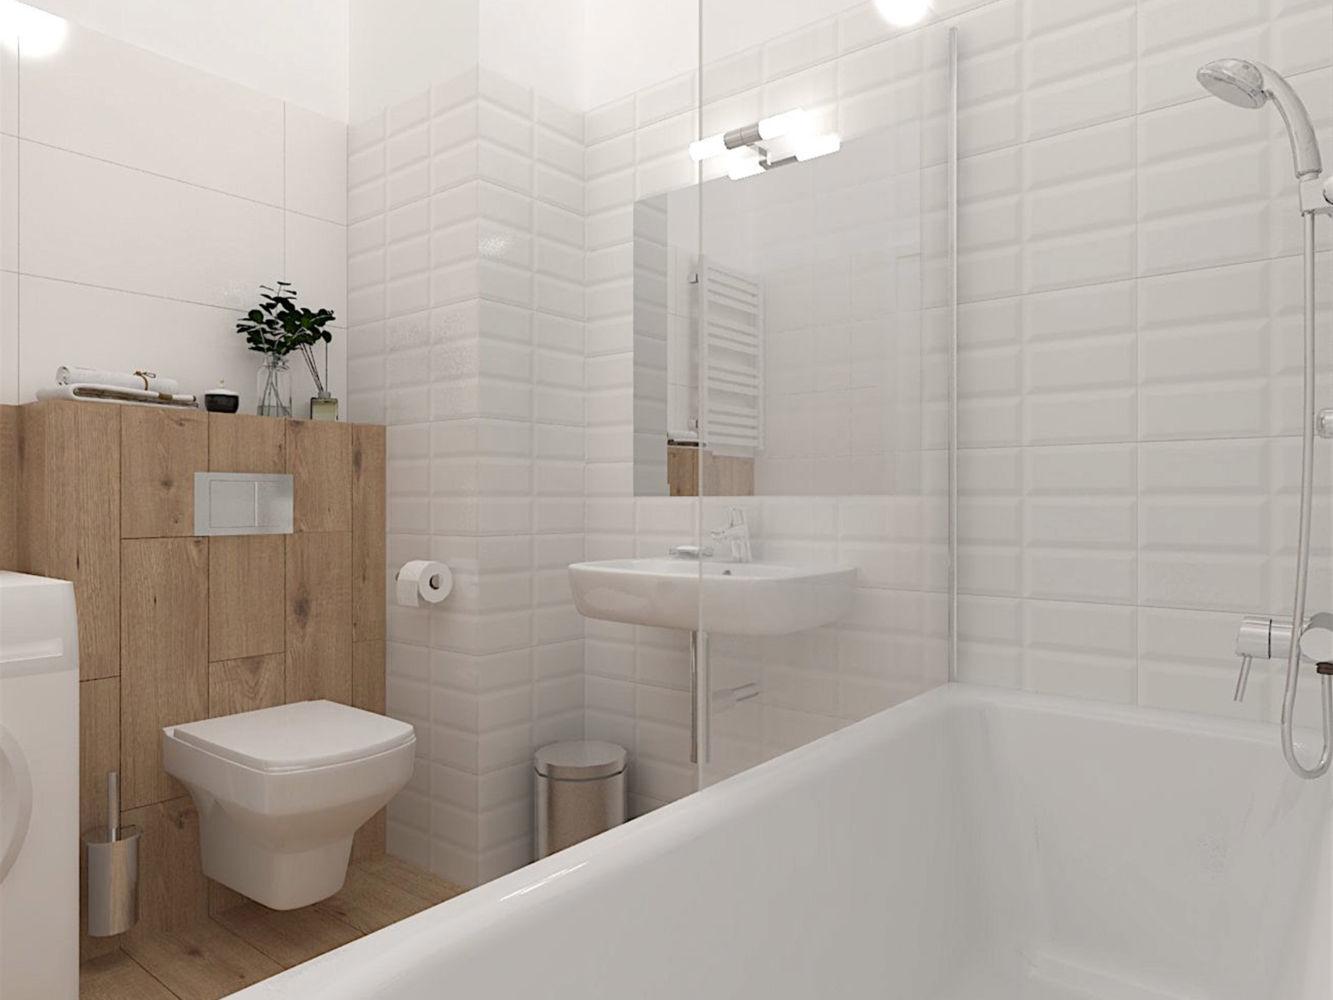 aranżacja łazienki 3D